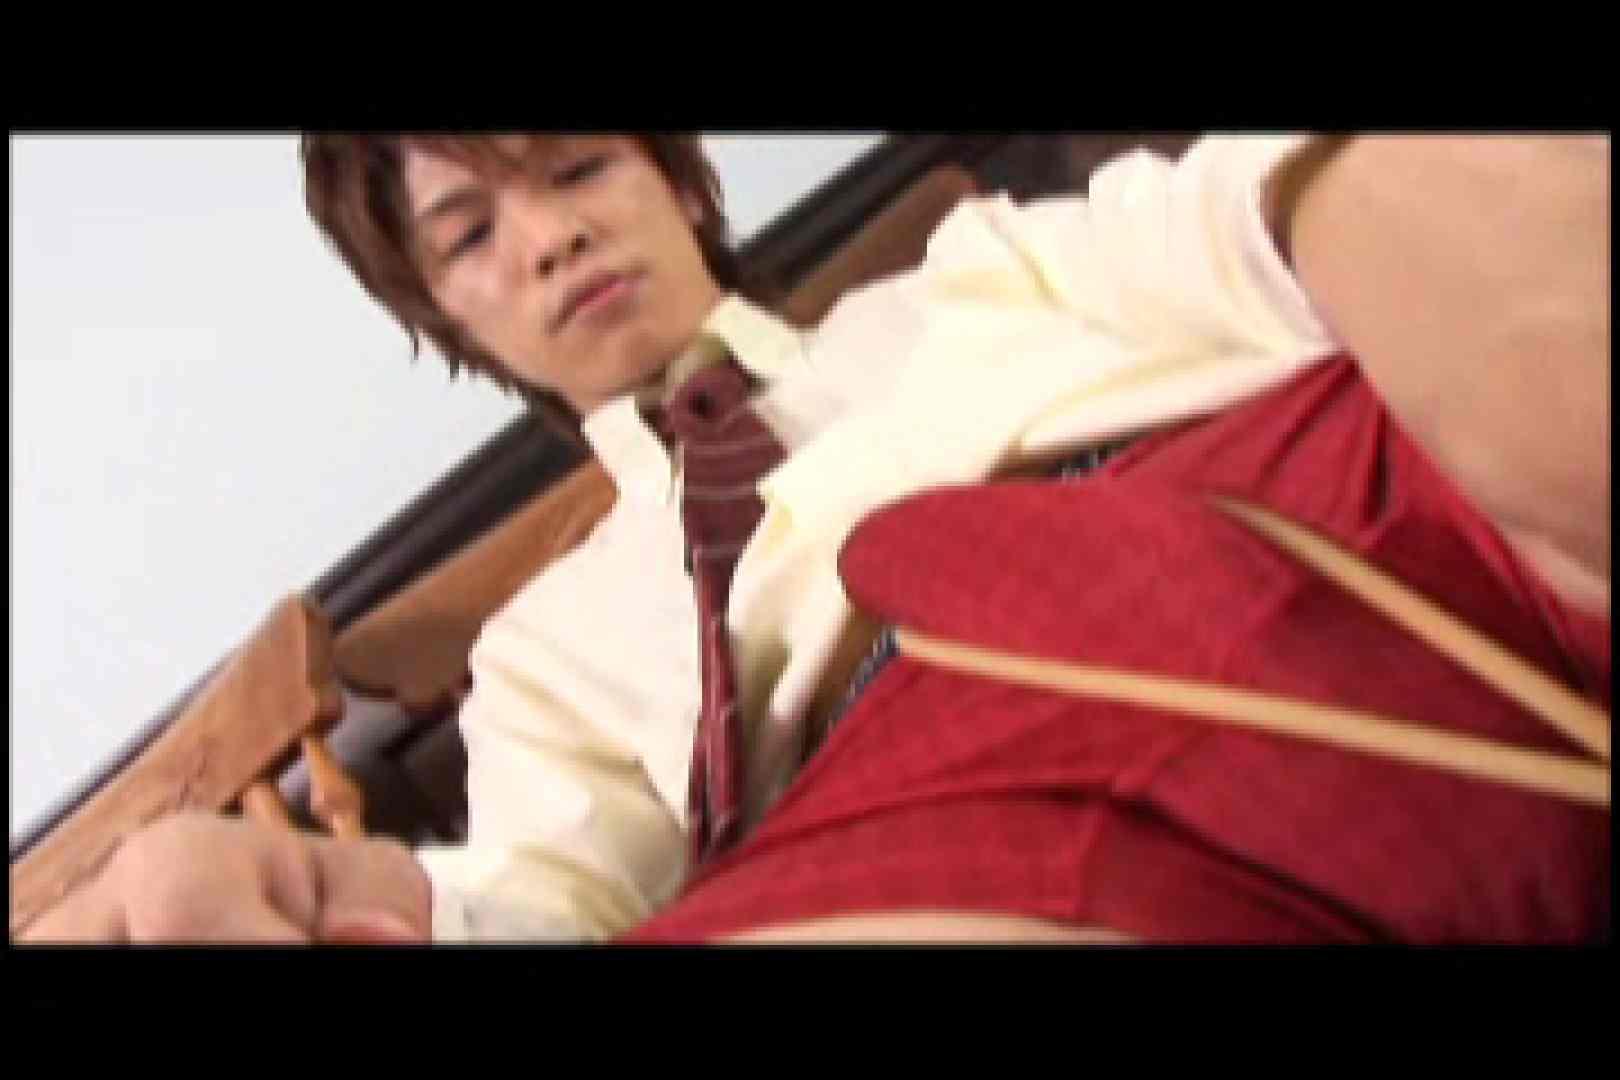 美男子コレクションvol4 チンコ動画 ゲイフリーエロ画像 88枚 86